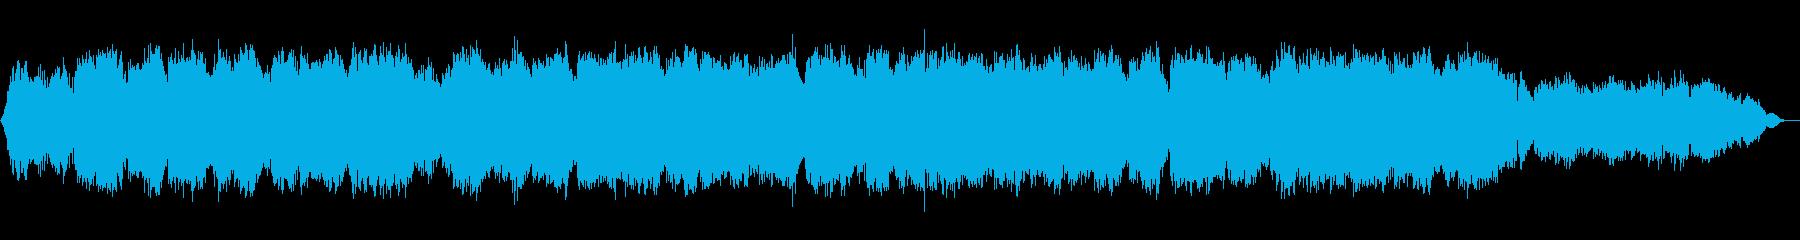 静かで切ない竹笛のメロディーの再生済みの波形